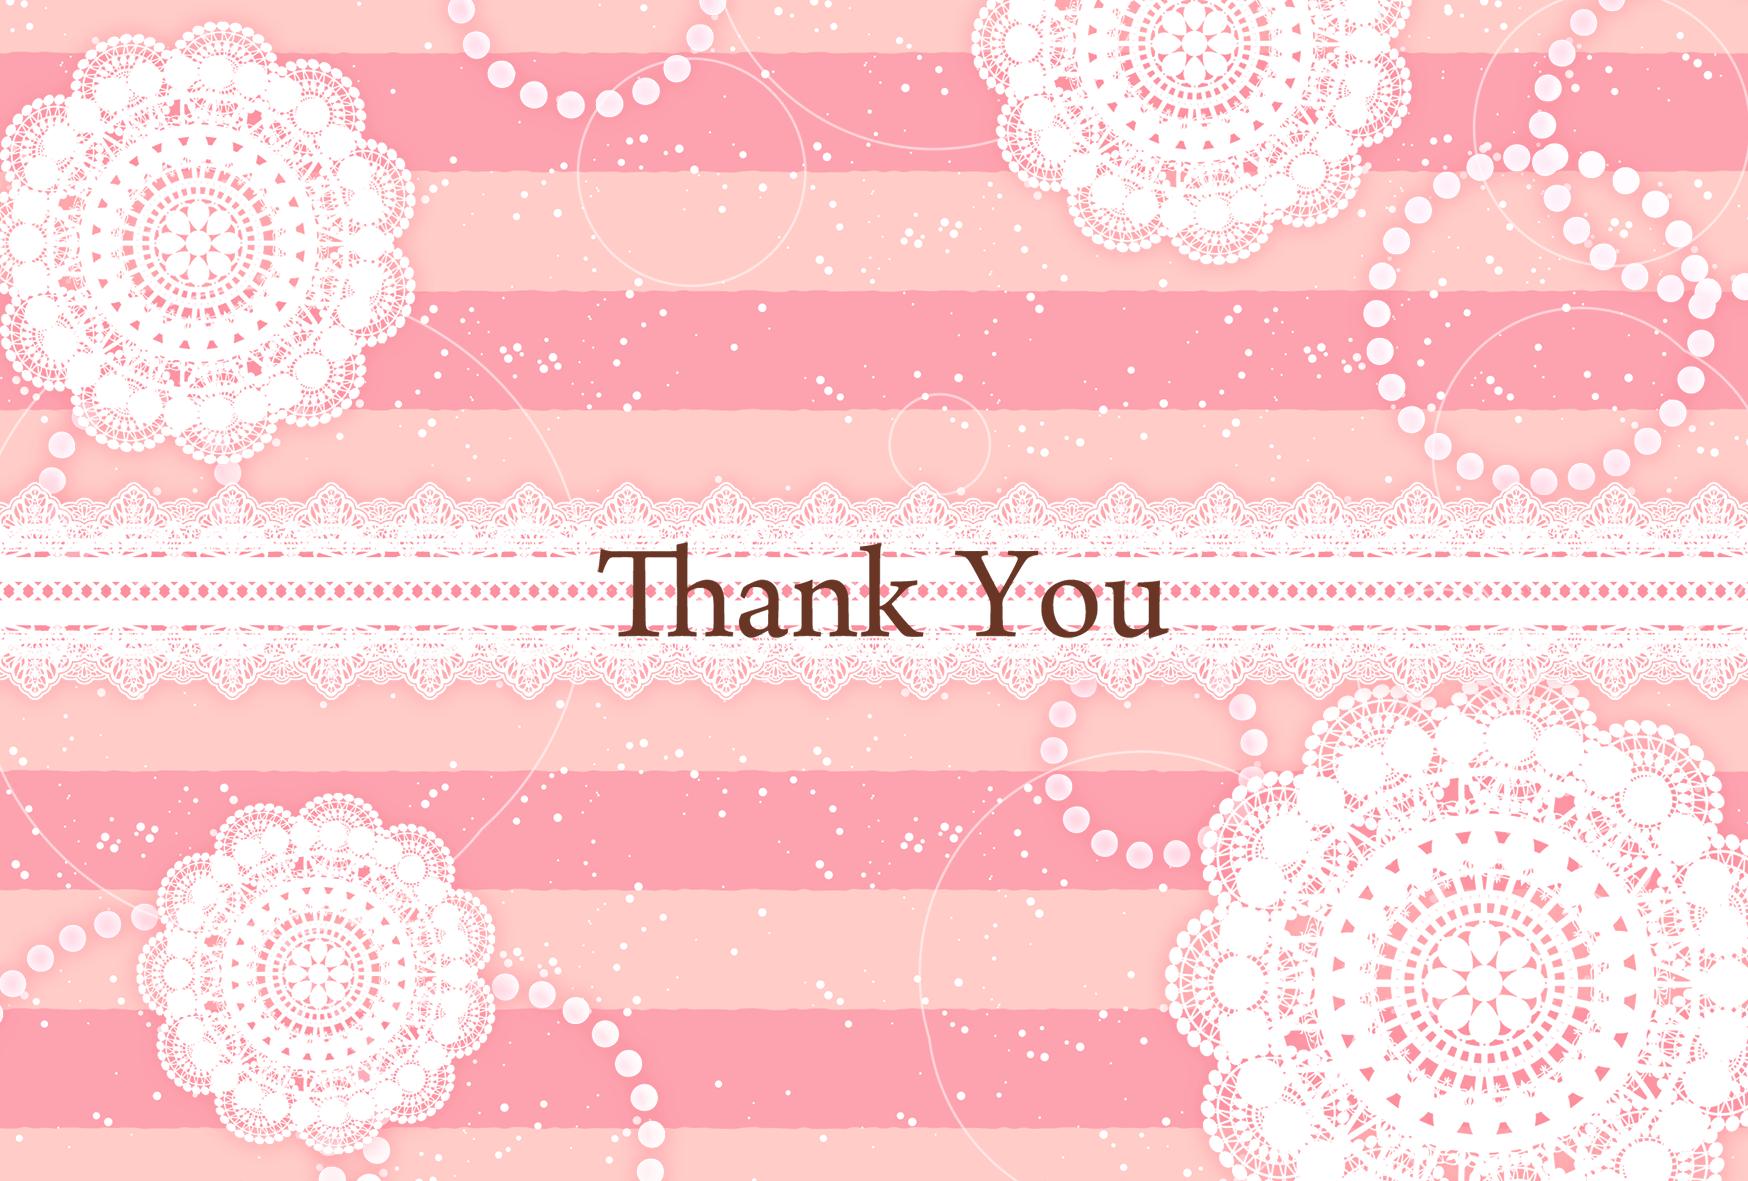 ピンクと白いレース柄の背景にありがとうの文字